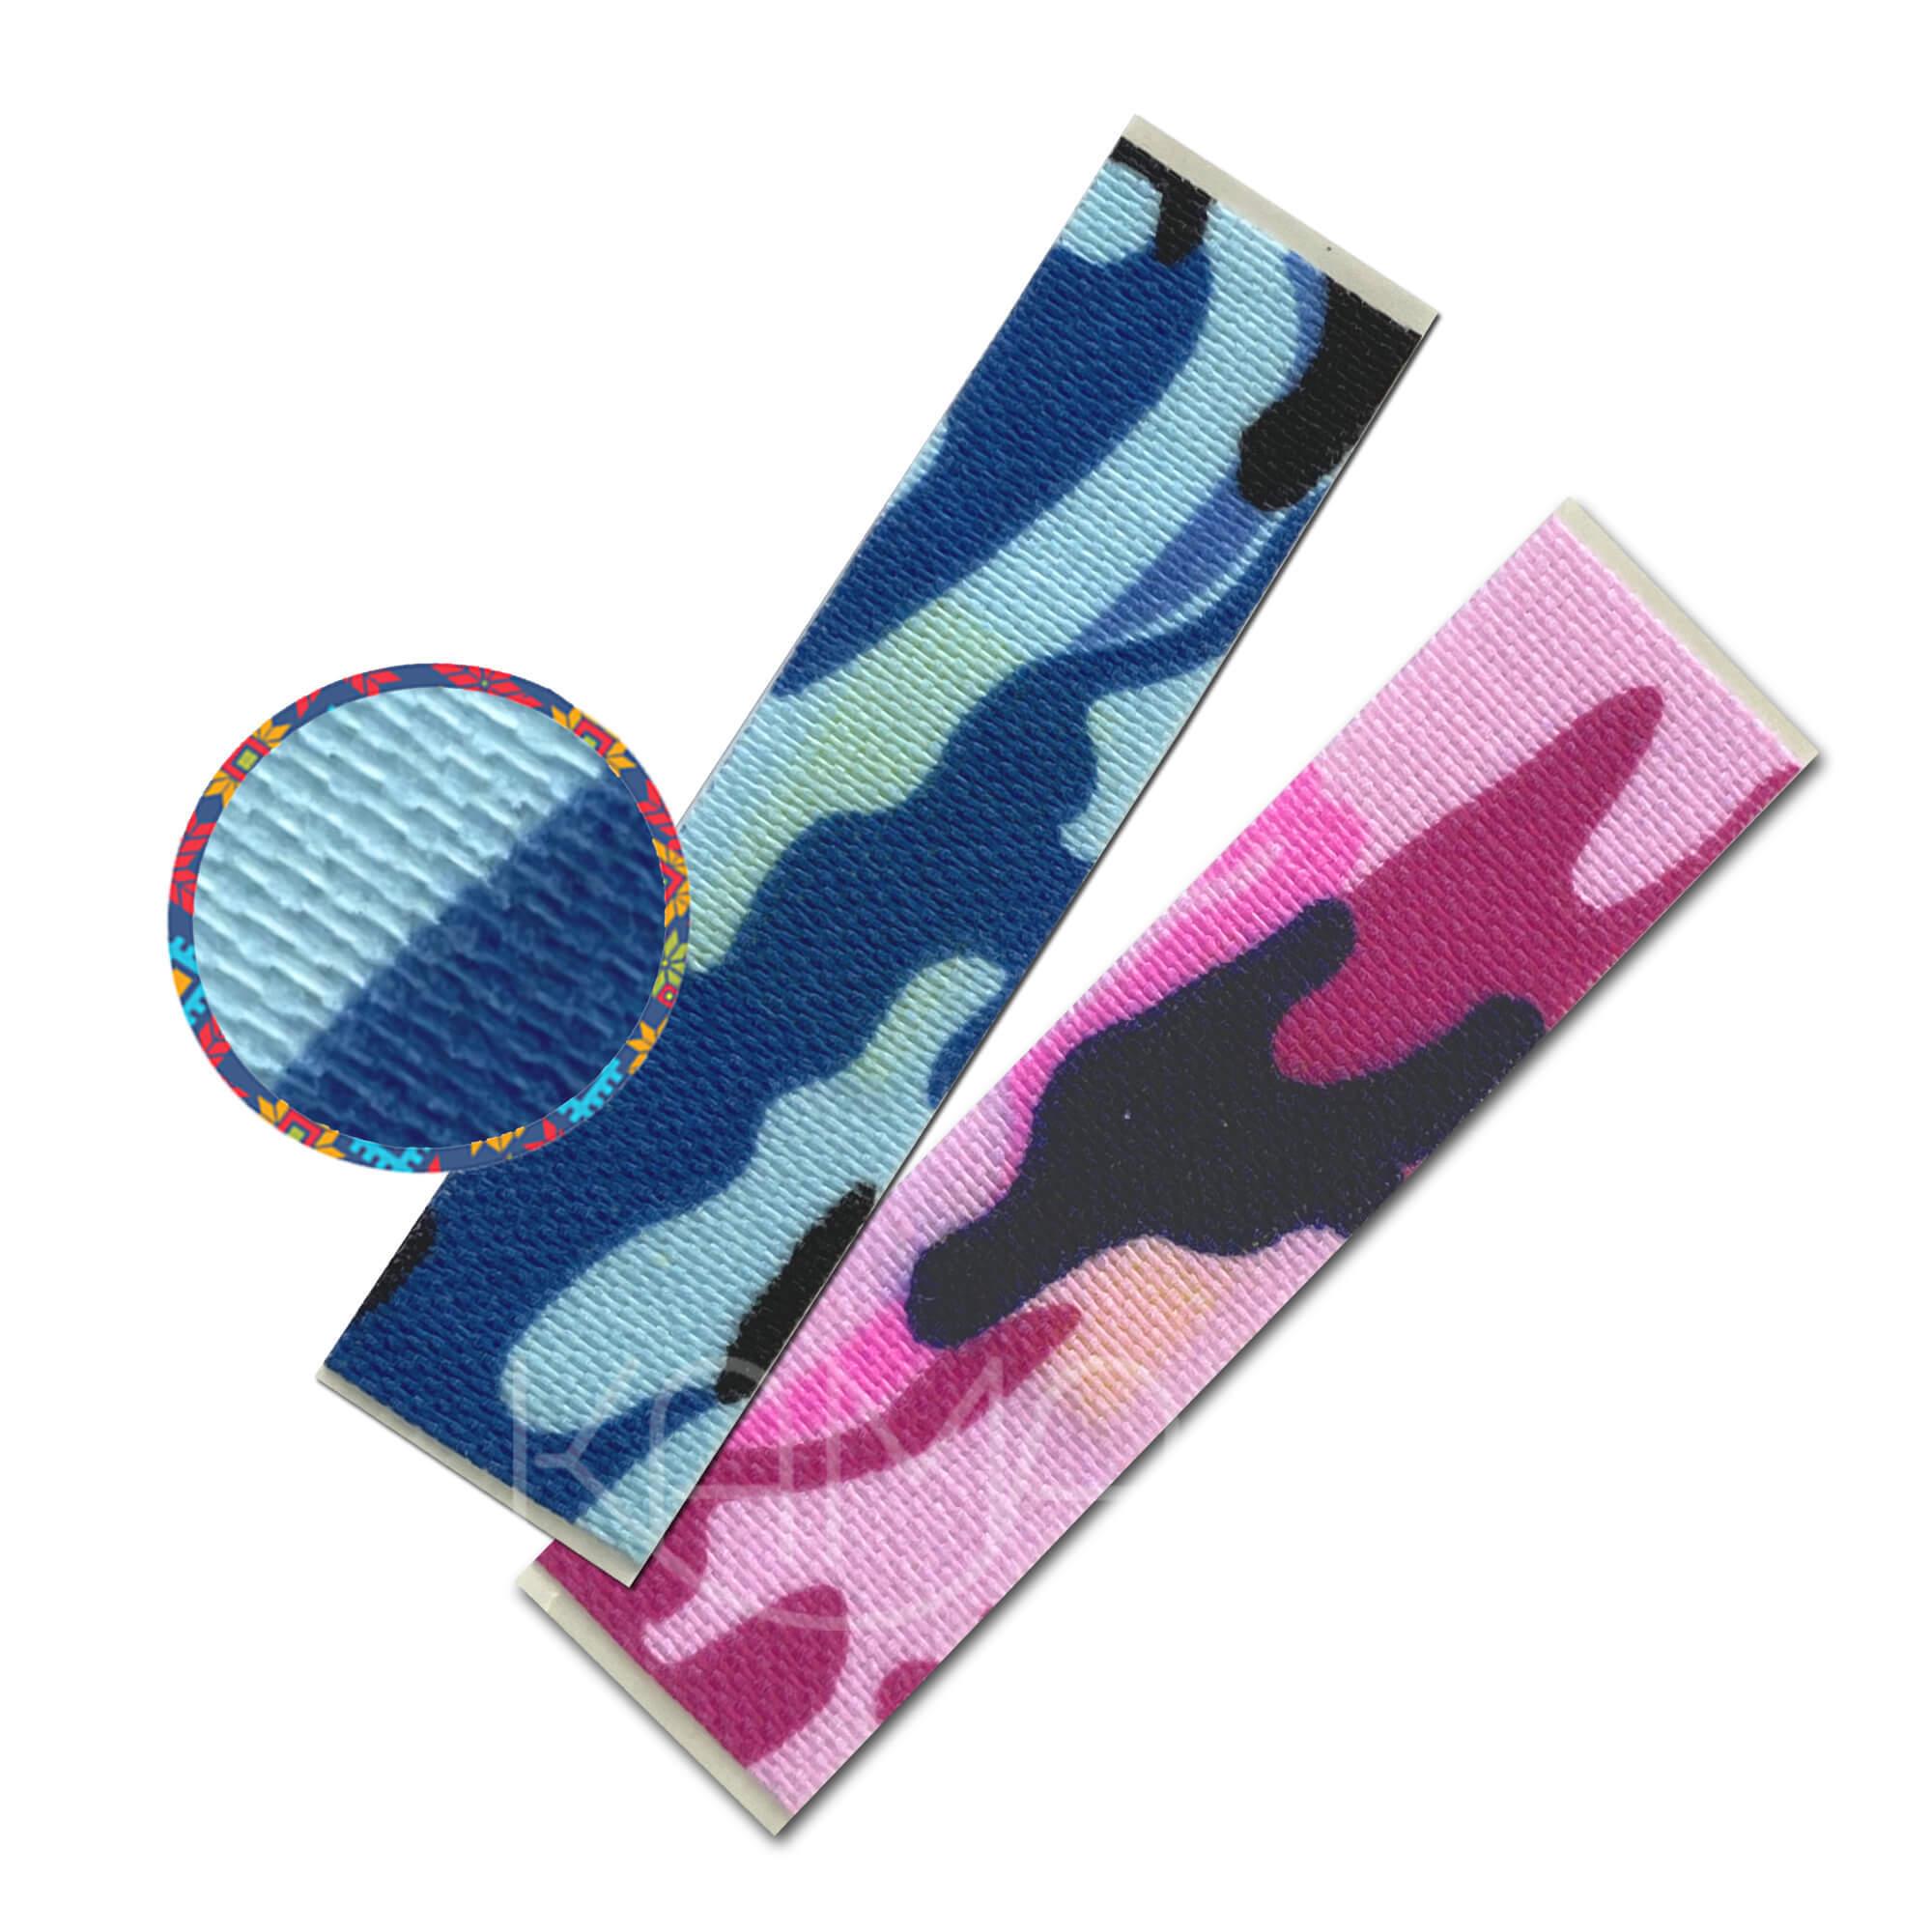 Пластырь детский бактерицидный на тканевой основе Стандарт Кидс цветной 19х76 мм, №10